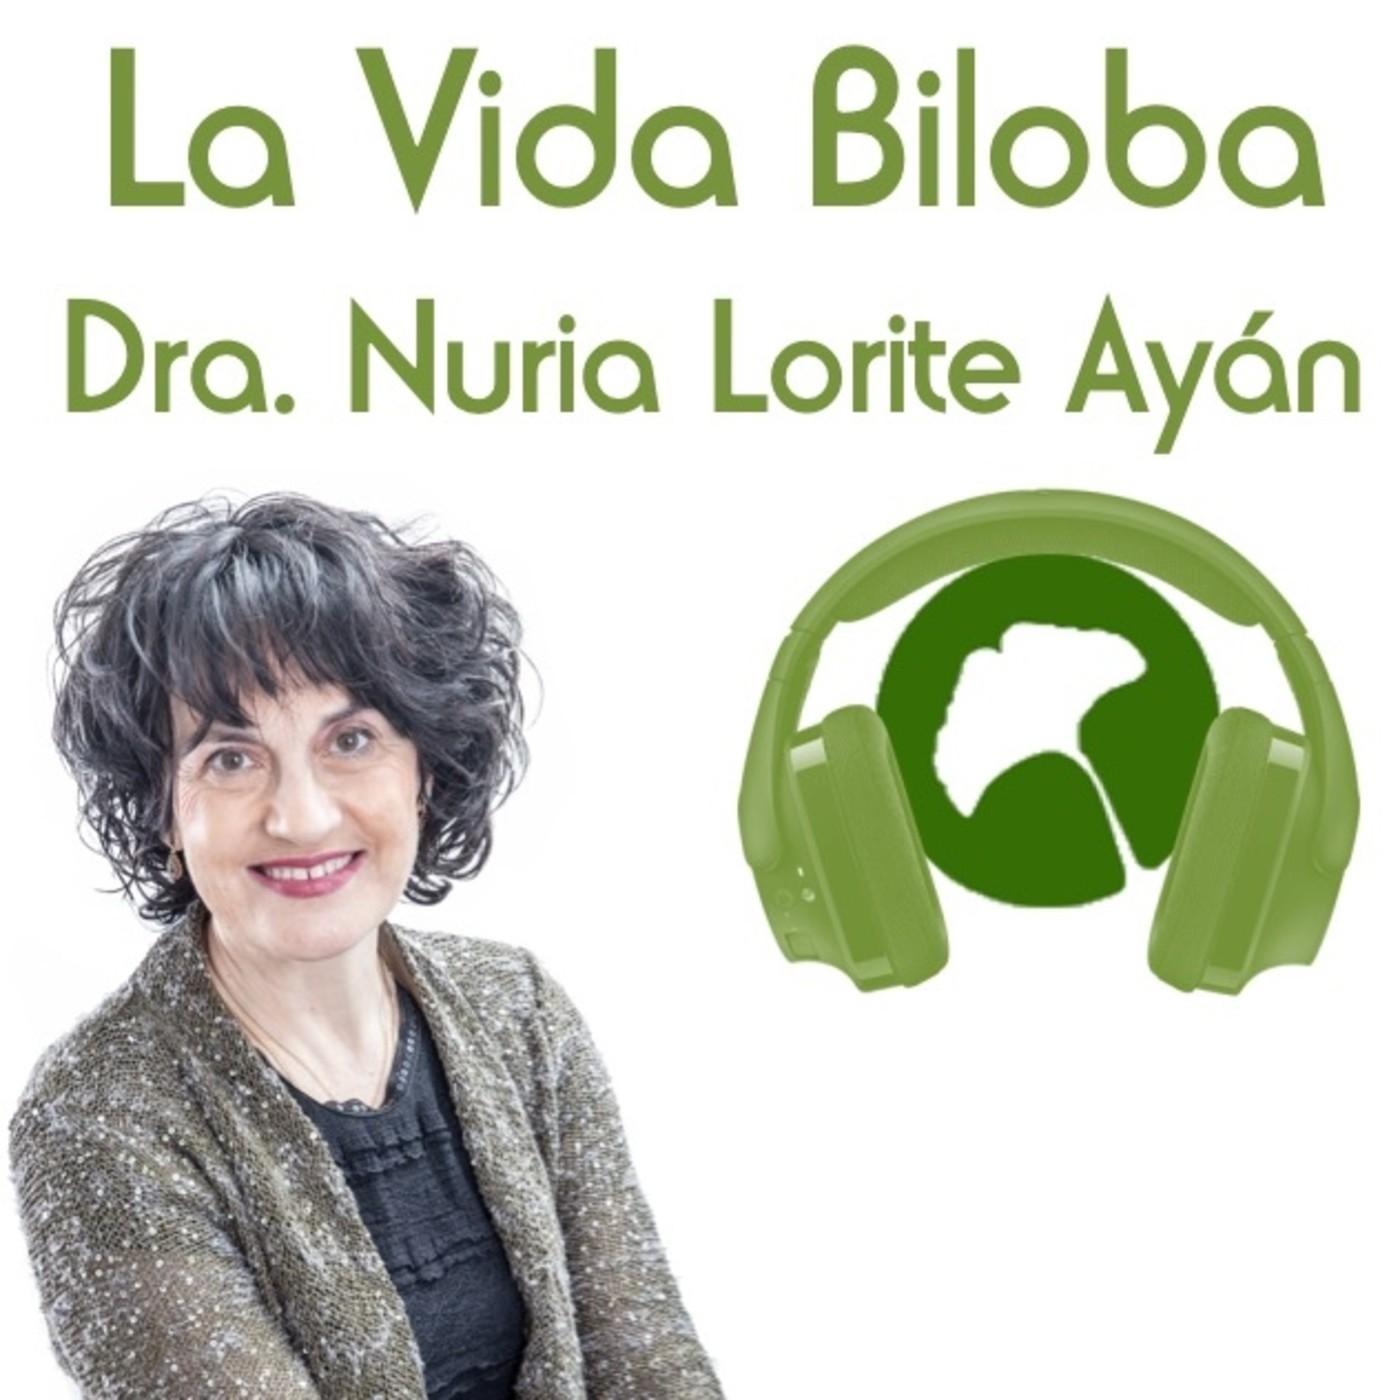 LVB 118 Dra. Lorite. Cultura, saber cuidarse, saber vivir y ser feliz es apasionante y divertido. Nos da opciones de ser